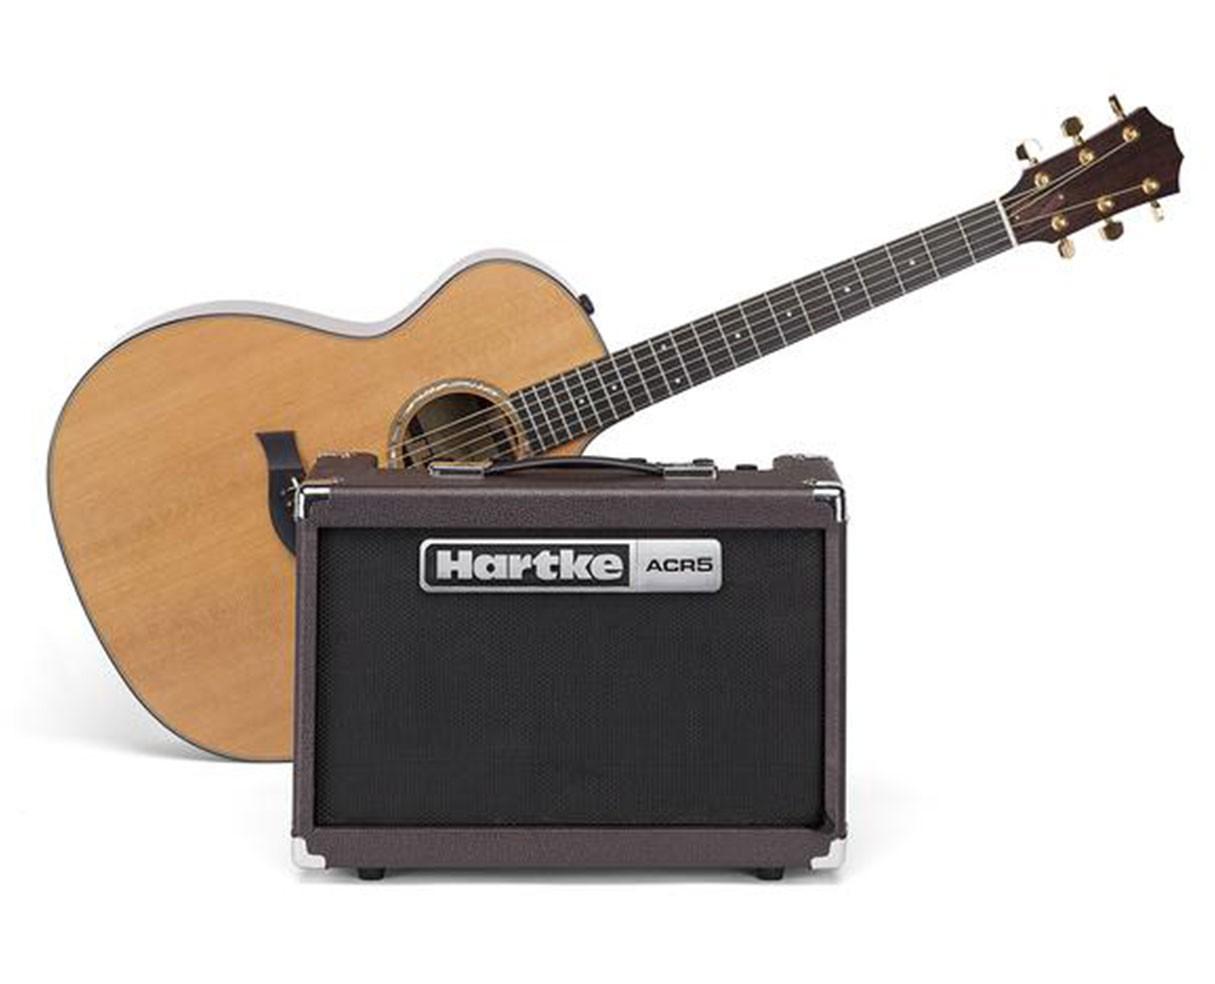 hartke acr5 acoustic guitar amp. Black Bedroom Furniture Sets. Home Design Ideas